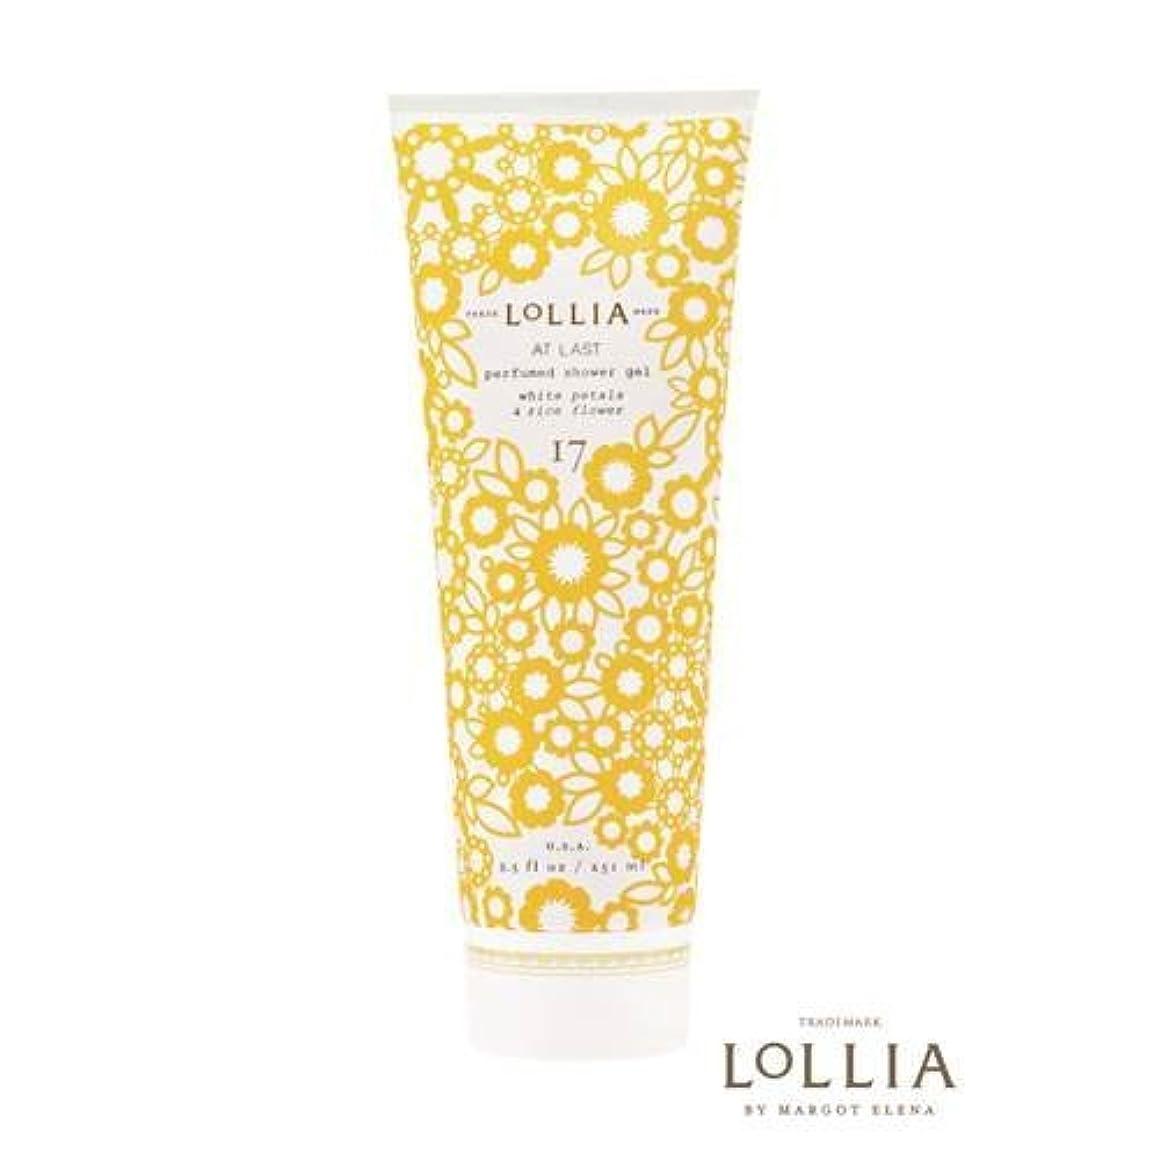 版湿った揺れるロリア(LoLLIA) パフュームドシャワージェル AtLast 251ml(全身用洗浄料 ボディーソープ ライスフラワー、マグノリアとミモザの柔らかな花々の香り)